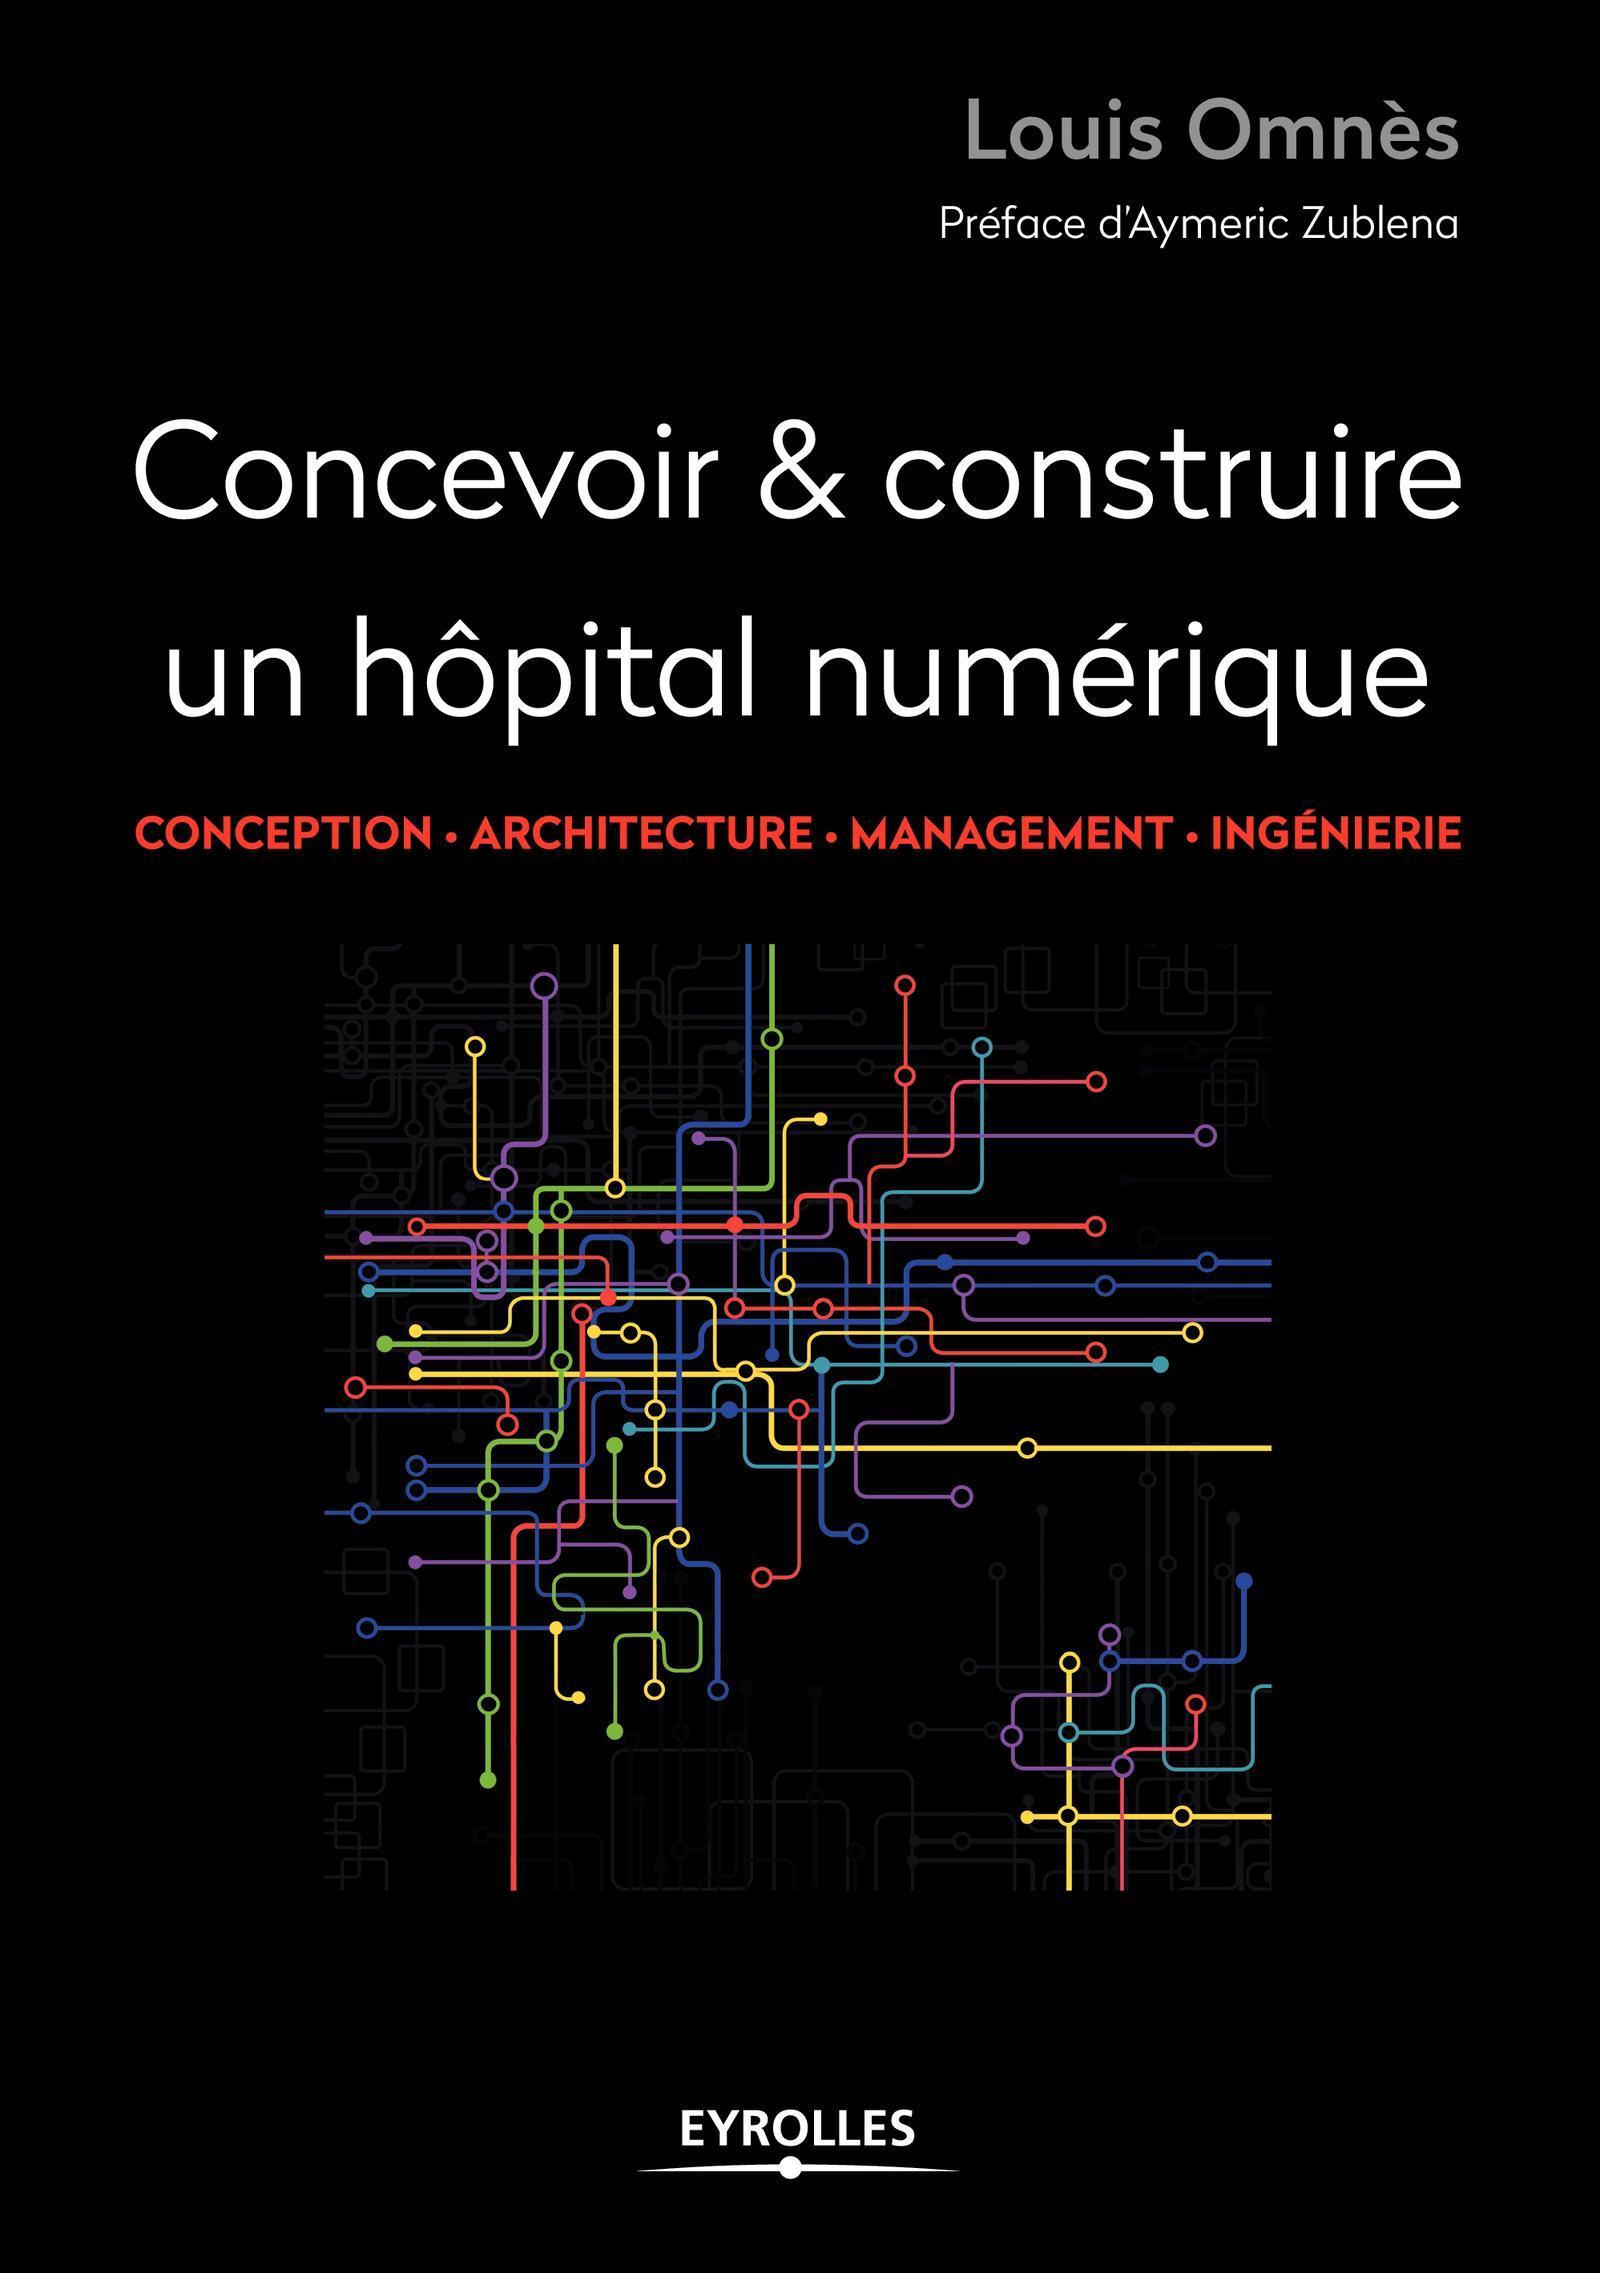 CONCEVOIR ET CONSTRUIRE UN HOPITAL NUMERIQUE - CONCEPTION - ARCHITECTURE - MANAGEMENT - INGENIERIE.